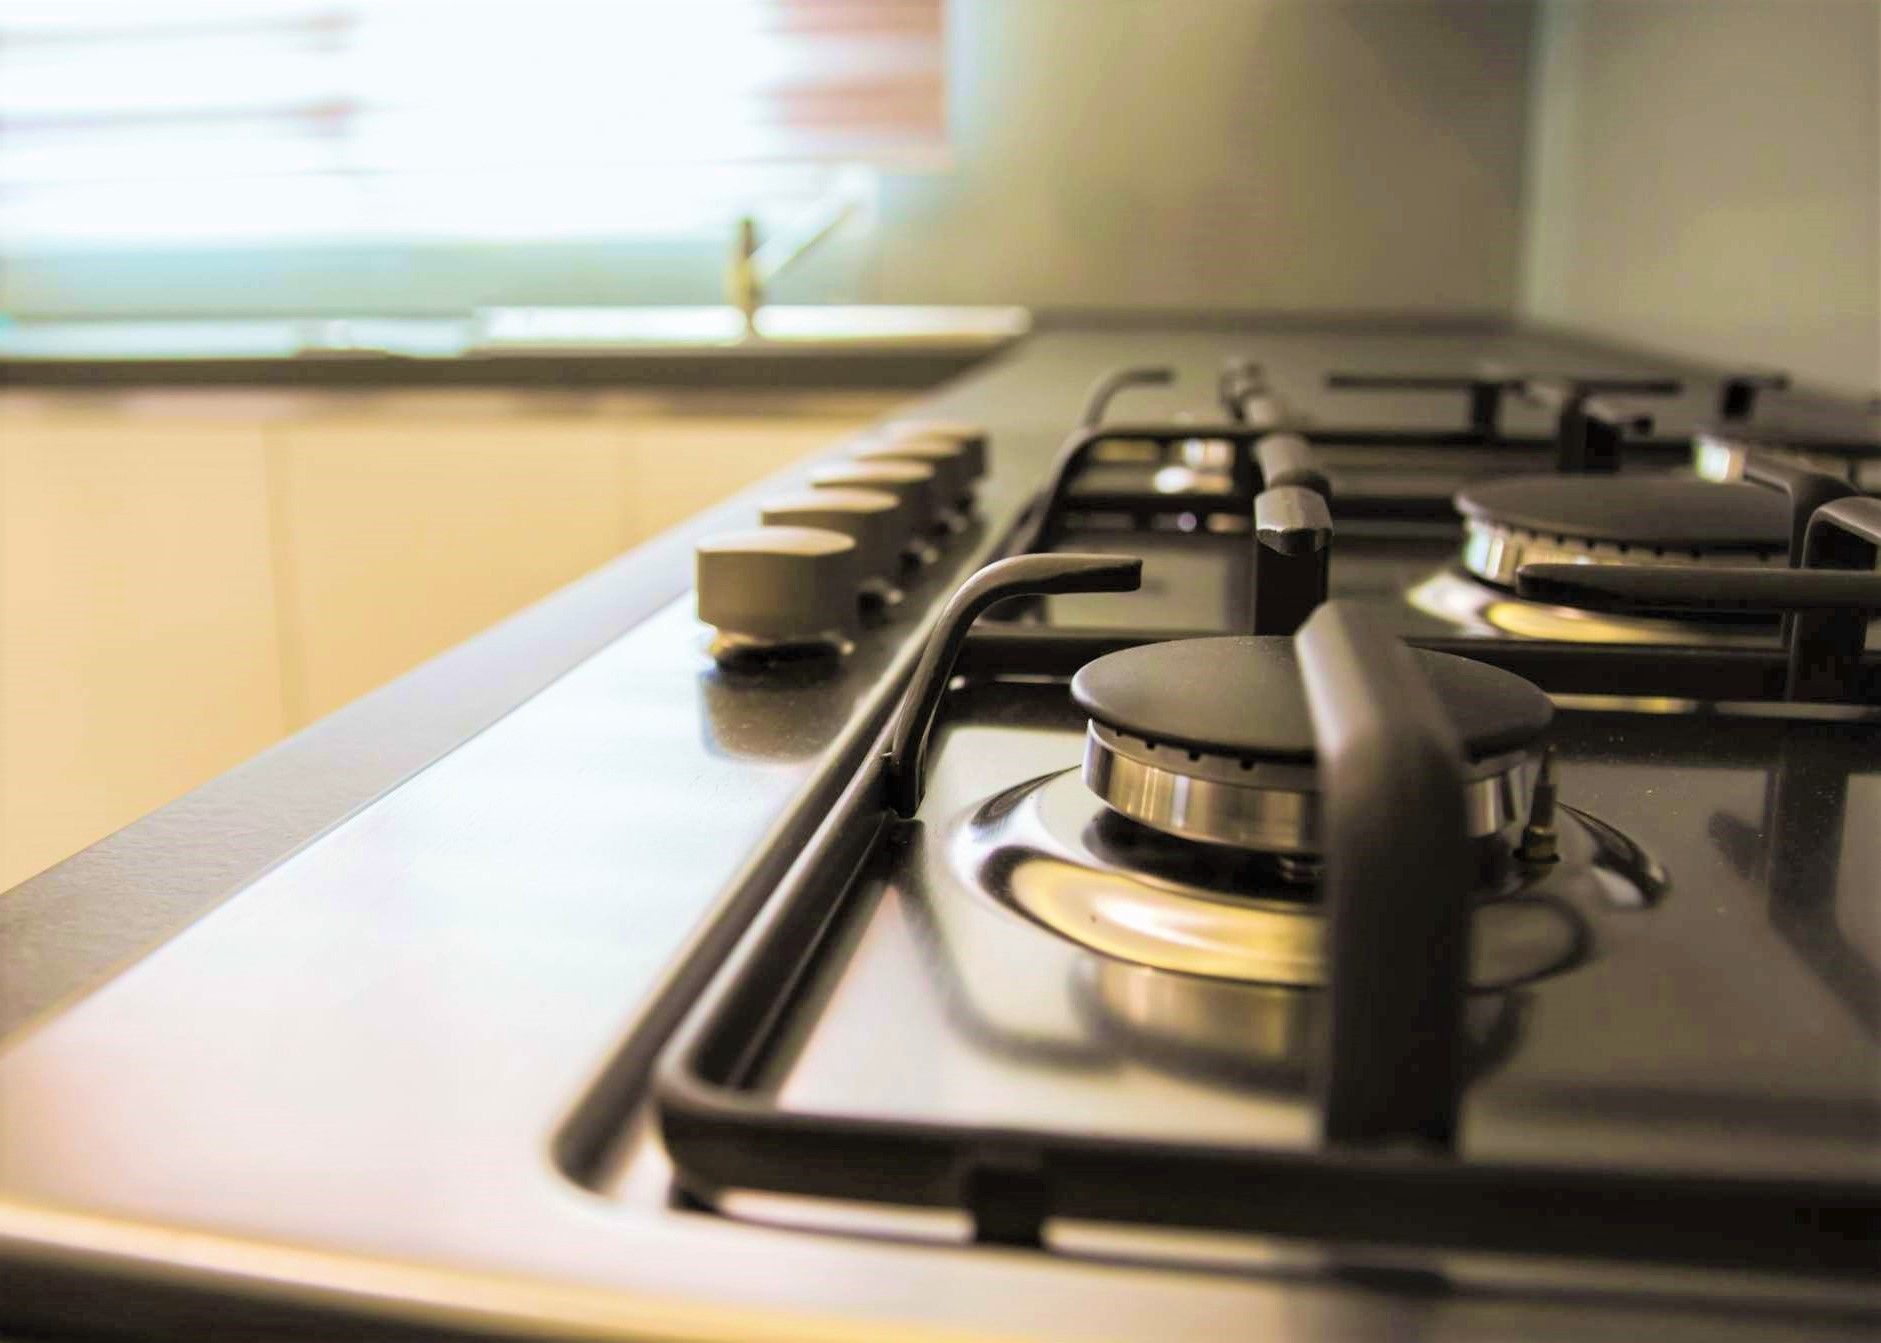 Il piano cottura in acciaio: pulito e lucidato